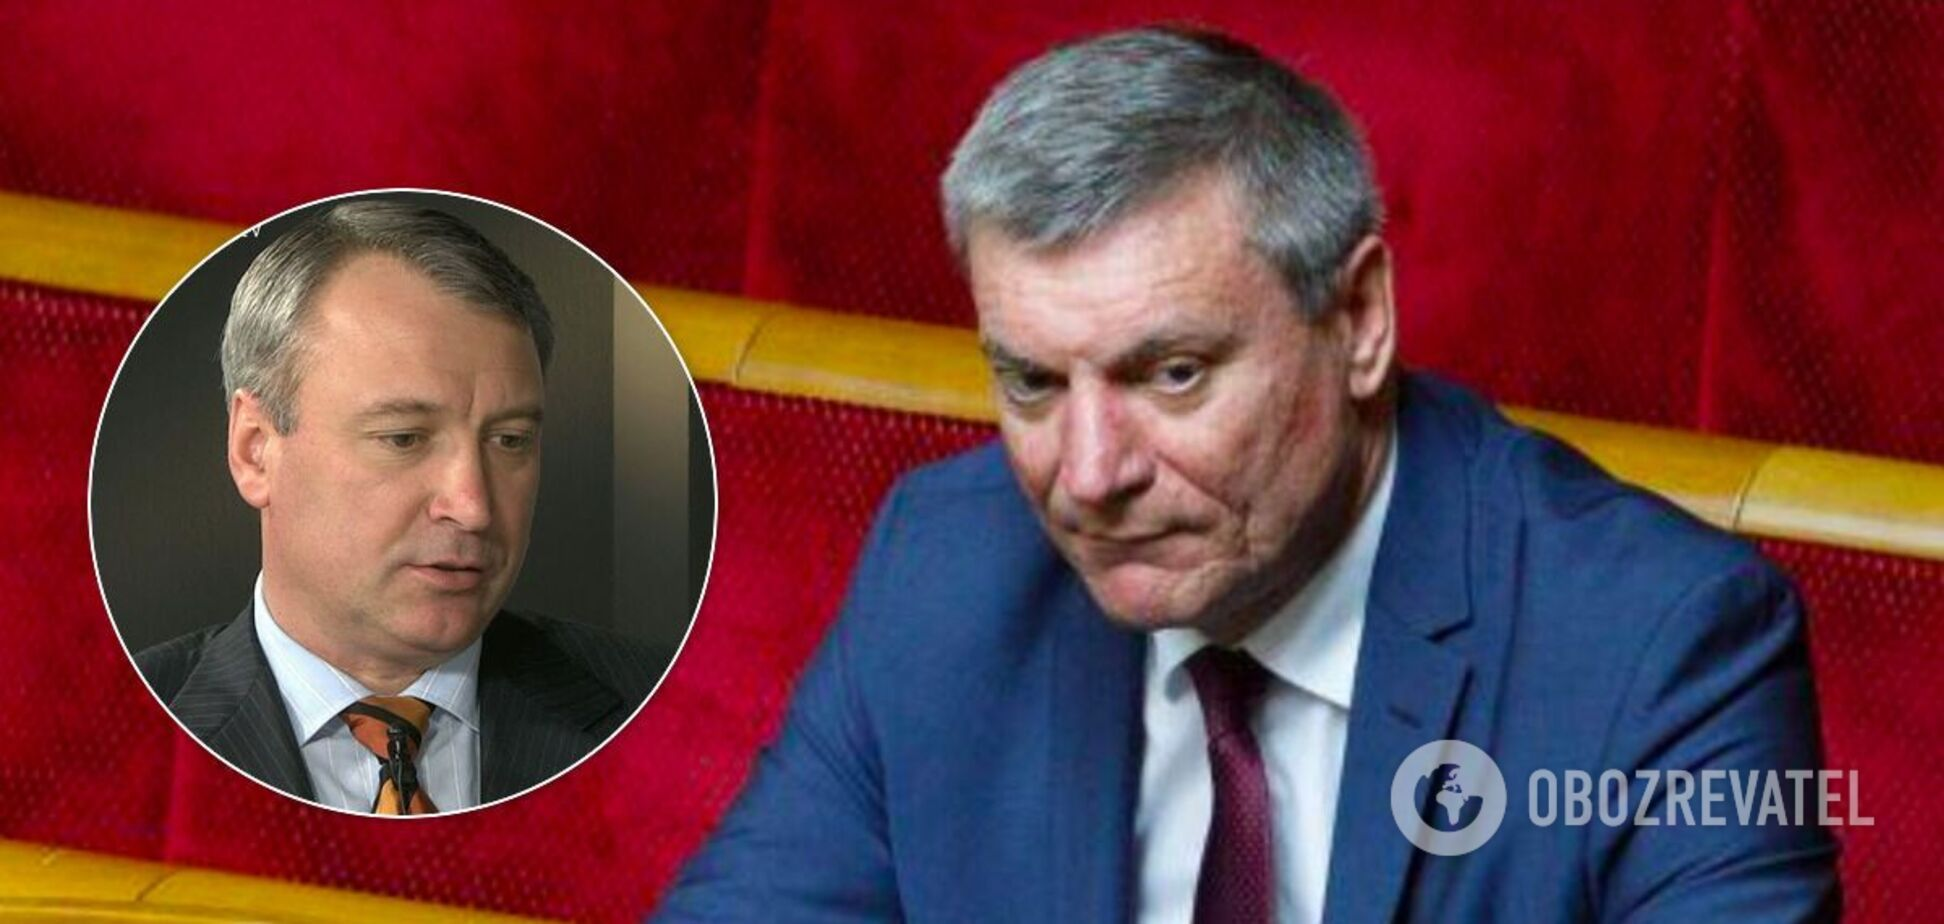 Уруський прокоментував інцидент із Немілостівим